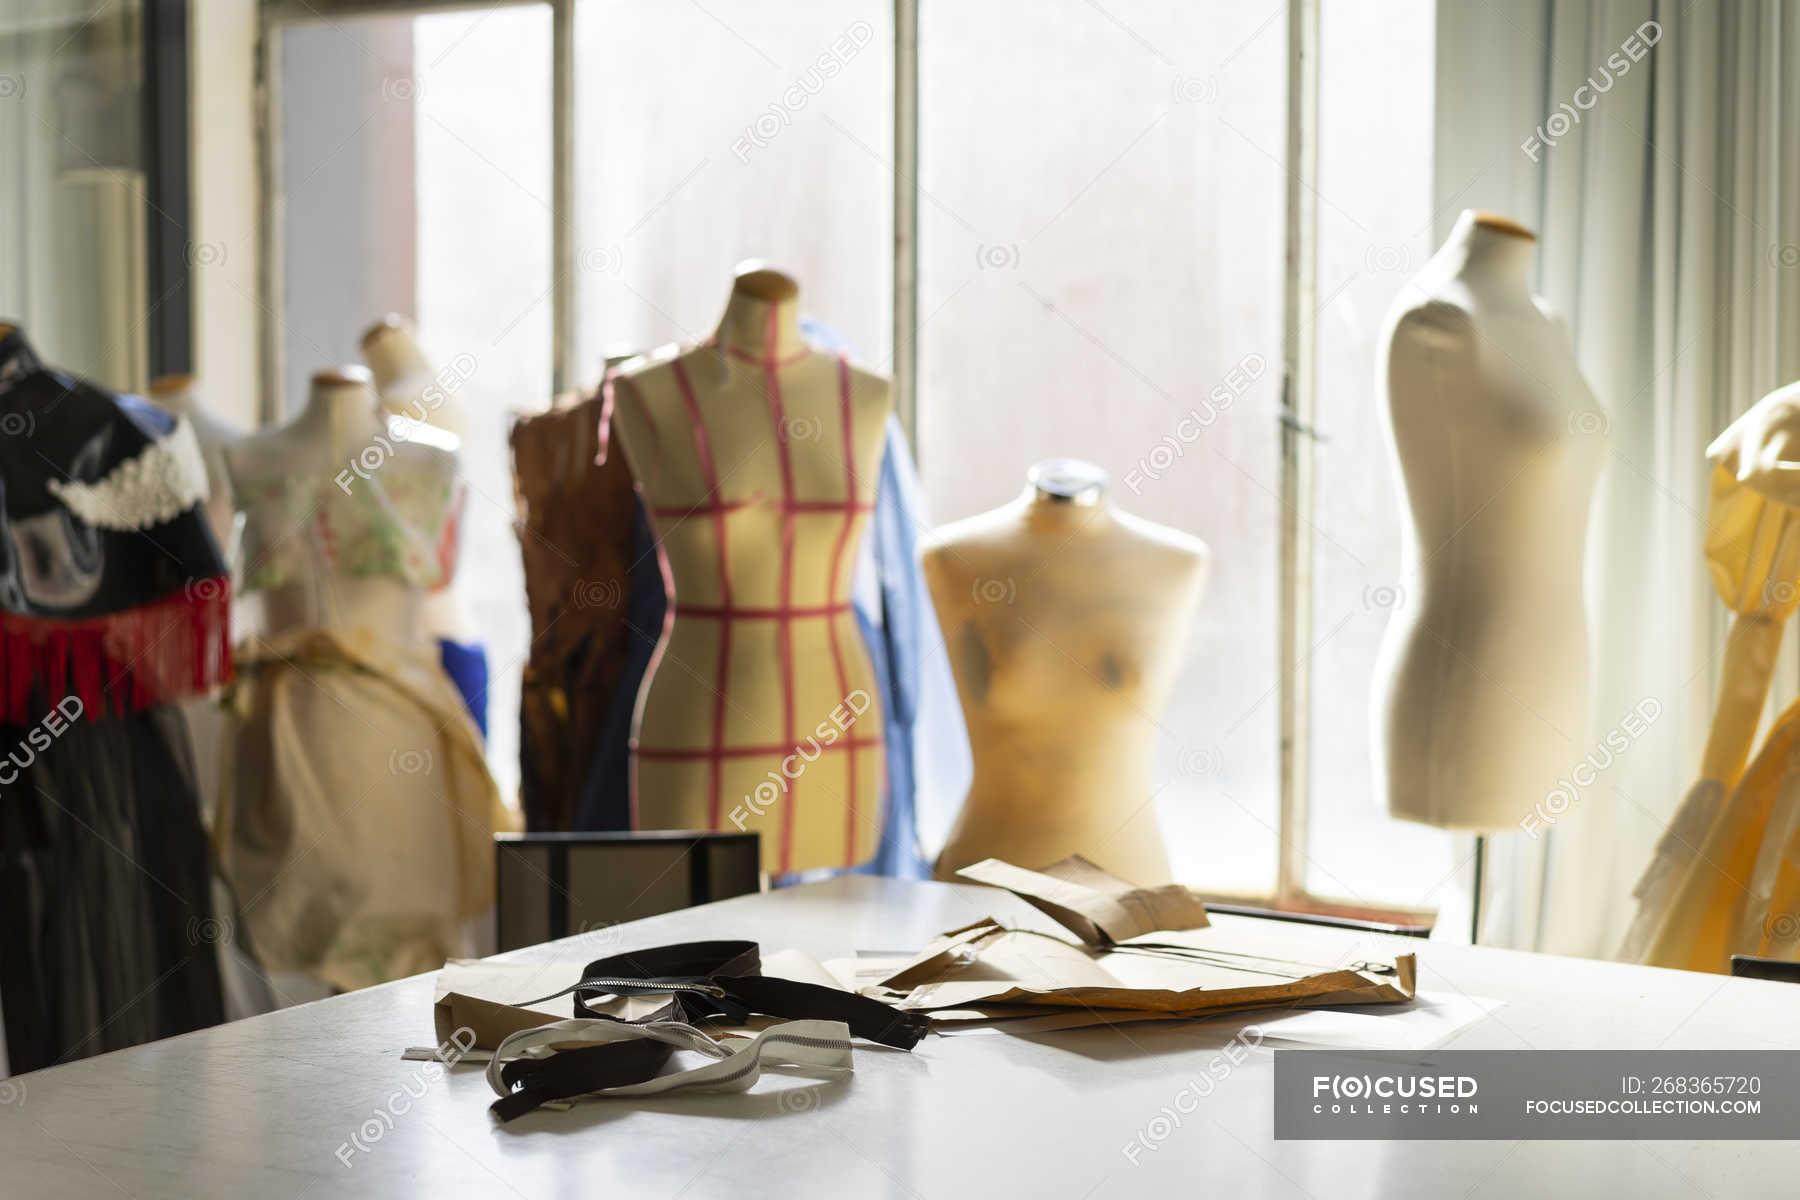 Dressmaker S Models In Fashion Designer S Studio Color Image Textile Stock Photo 268365720